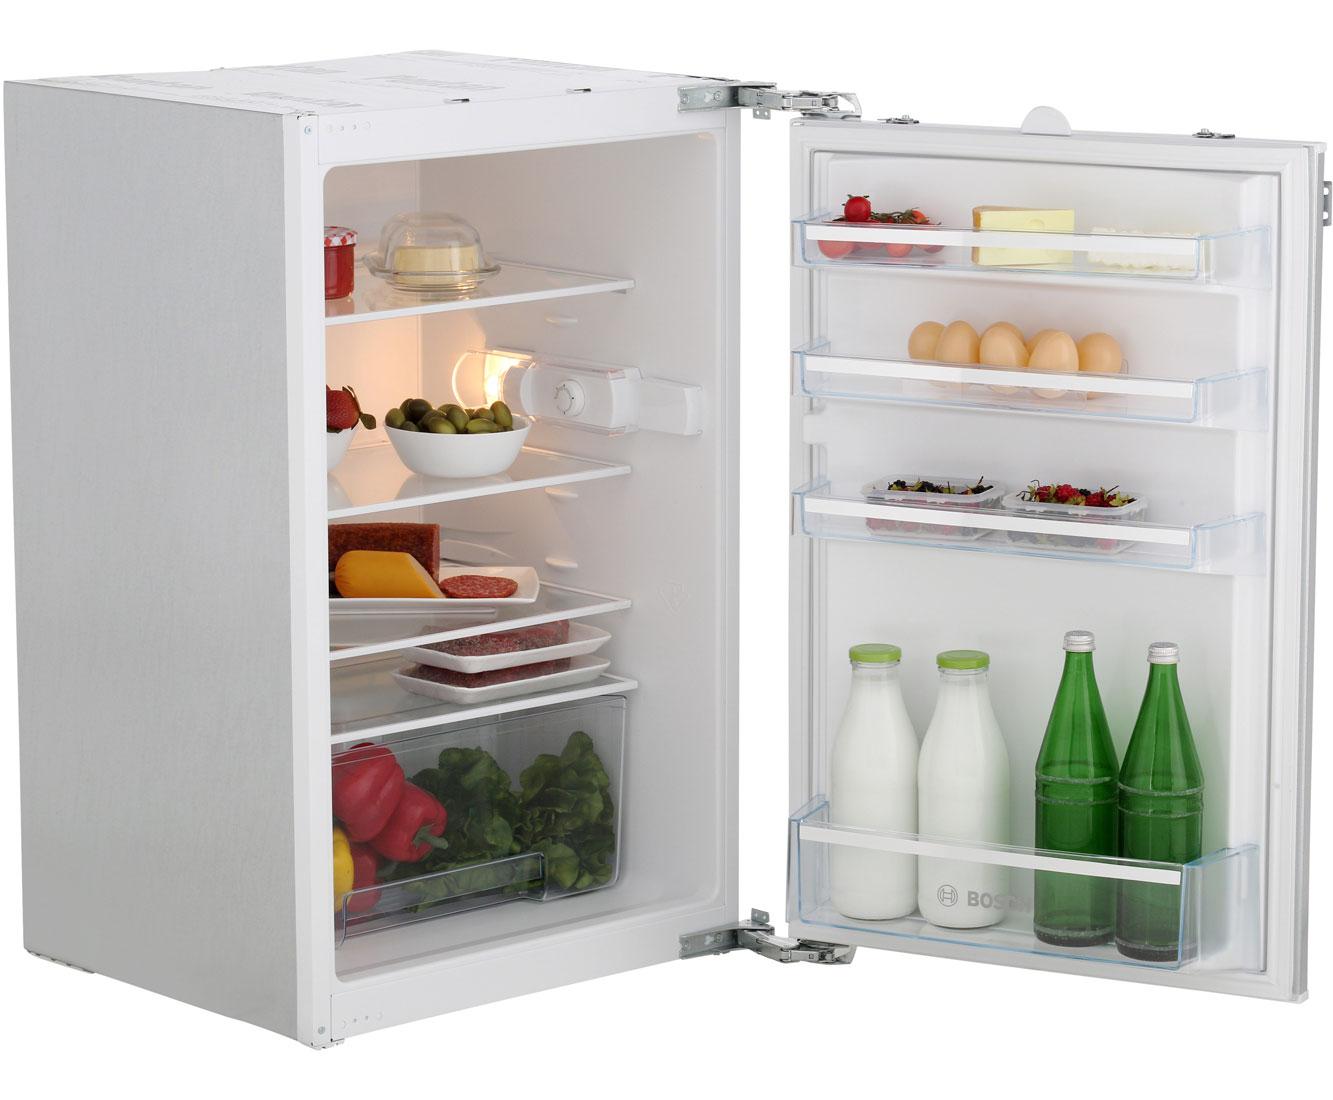 Bosch Kühlschrank Wasser Läuft Aus : Bosch serie 2 kir18v51 einbau kühlschrank 88er nische festtür